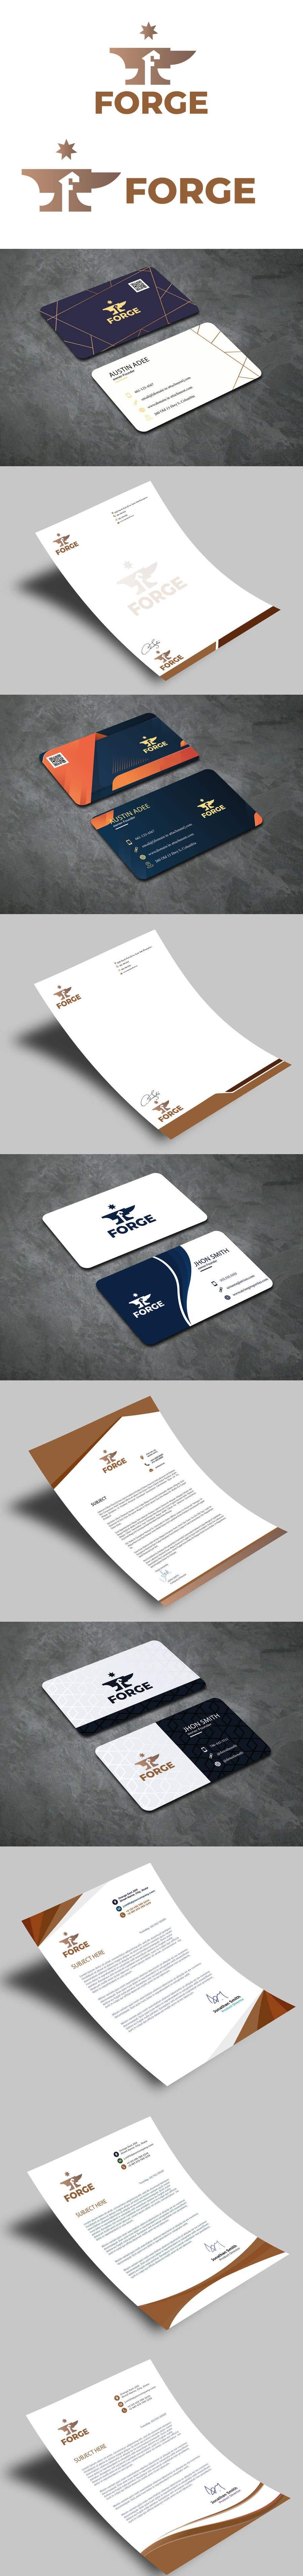 Penyertaan Peraduan #                                        125                                      untuk                                         Design a logo + Business Card + Letterhead + Branding + Social Media etc. (Gaming, Hosting, Panel, Dashboard, Product)